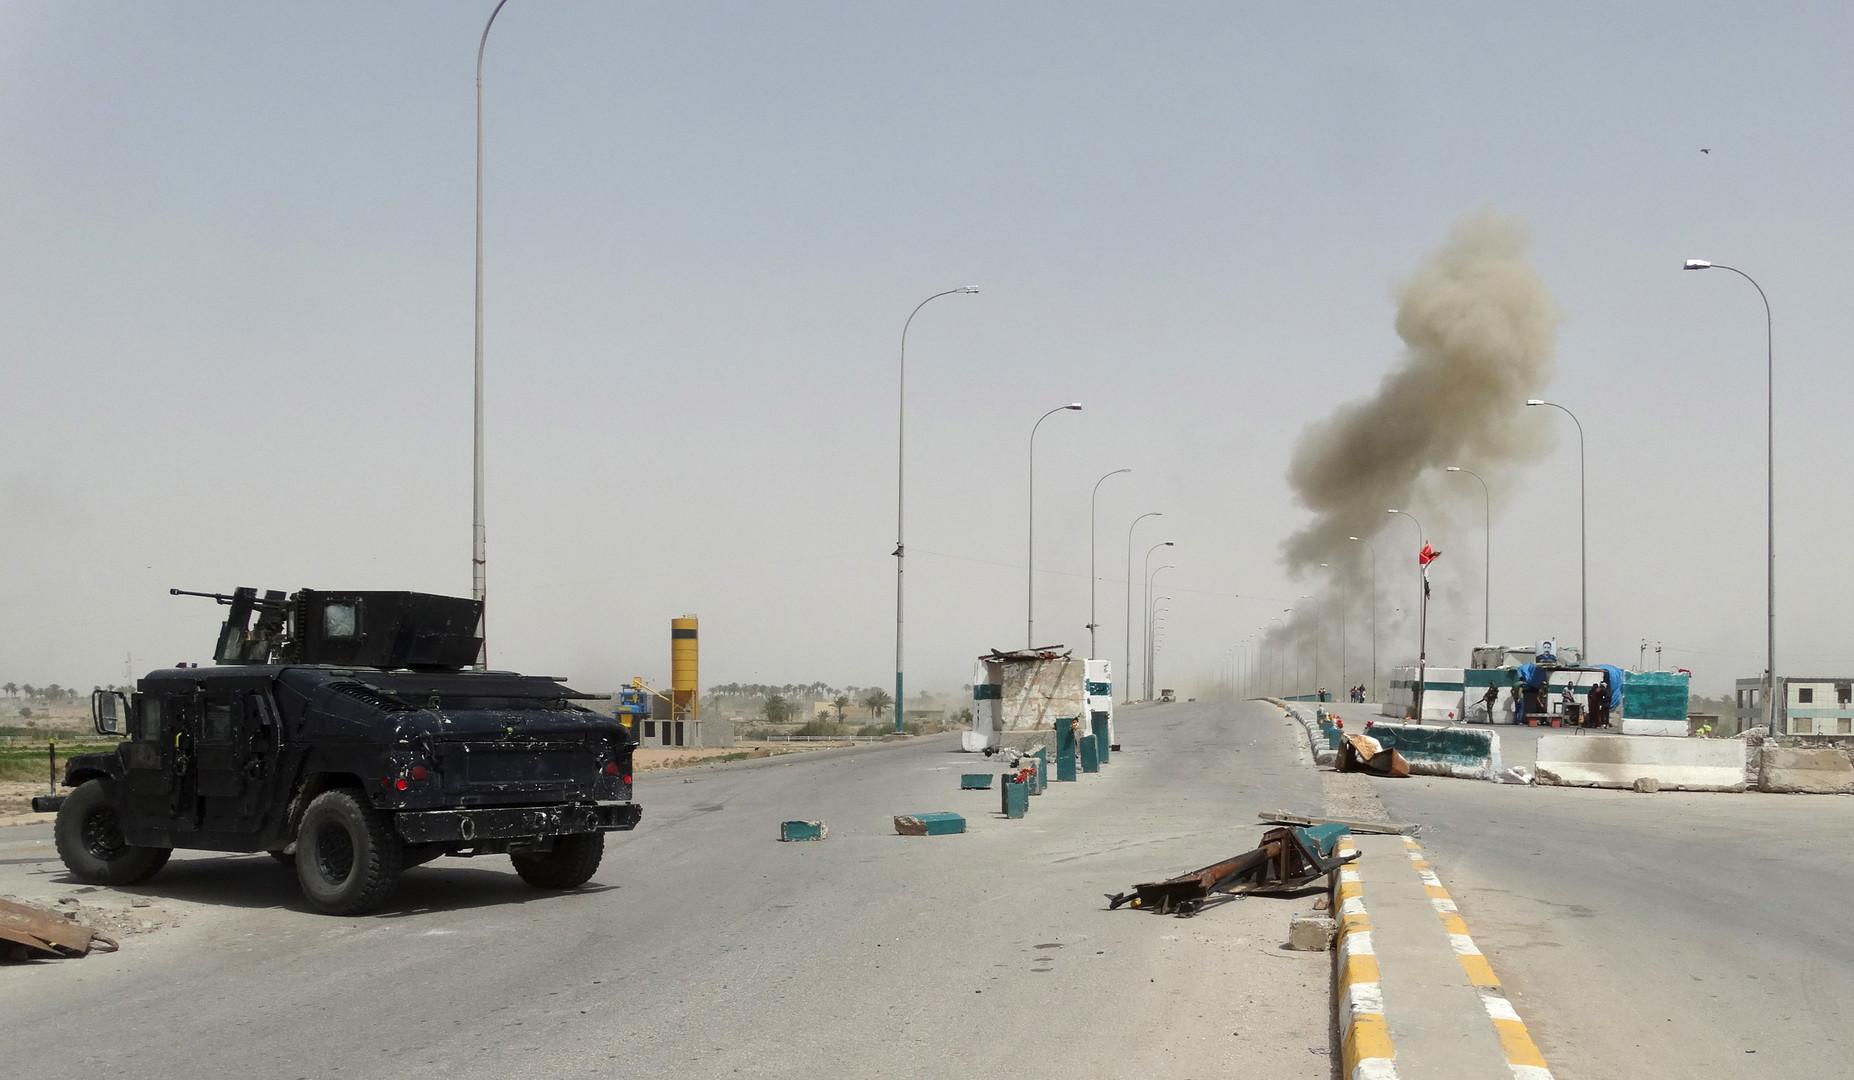 الأردن يغلق الحدود مع العراق بعد تفجير معبر طريبيل